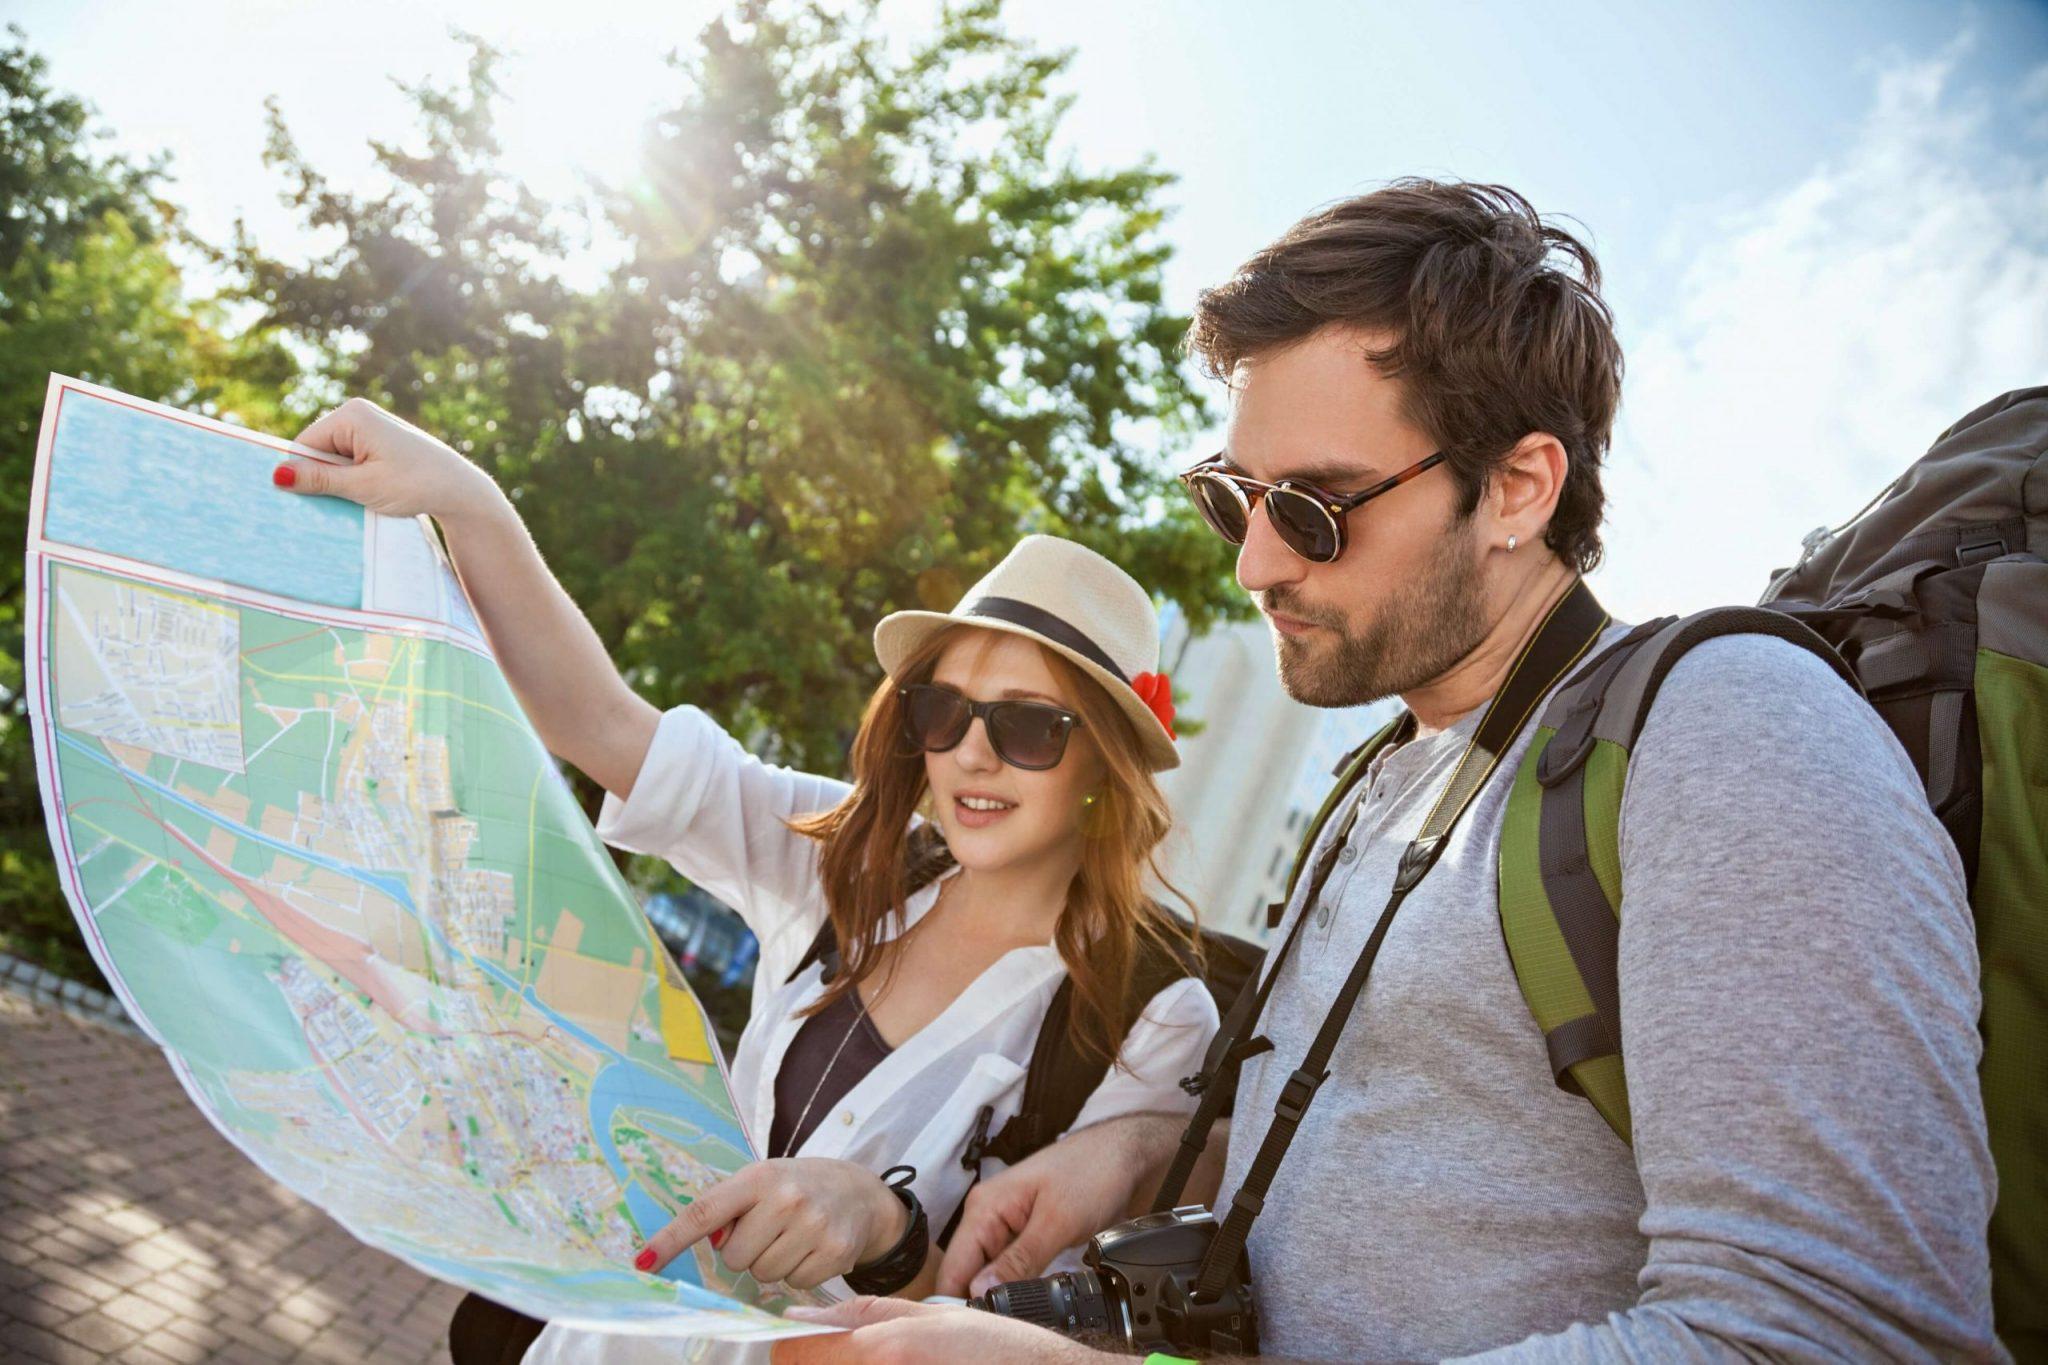 szlaki turystyczne 2 scaled - Masz ochotę na spacer? Wybierz jeden z pomorskich szlaków turystycznych